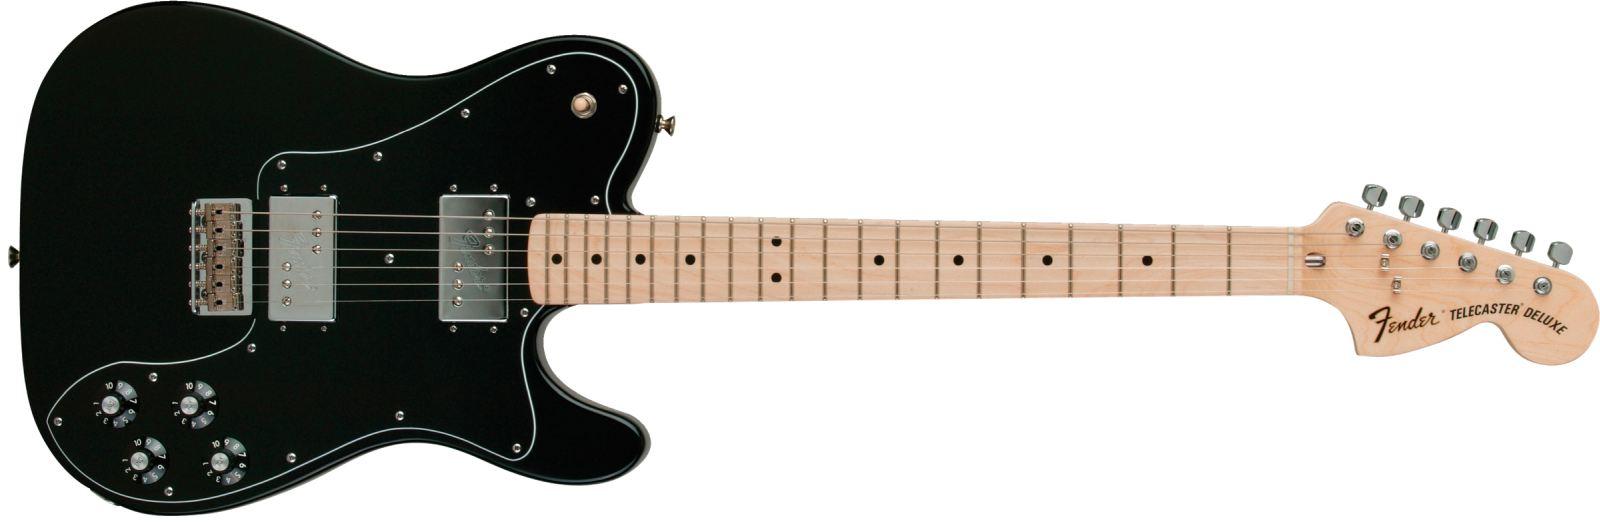 Fender Telecaster 72 Deluxe MN BLK